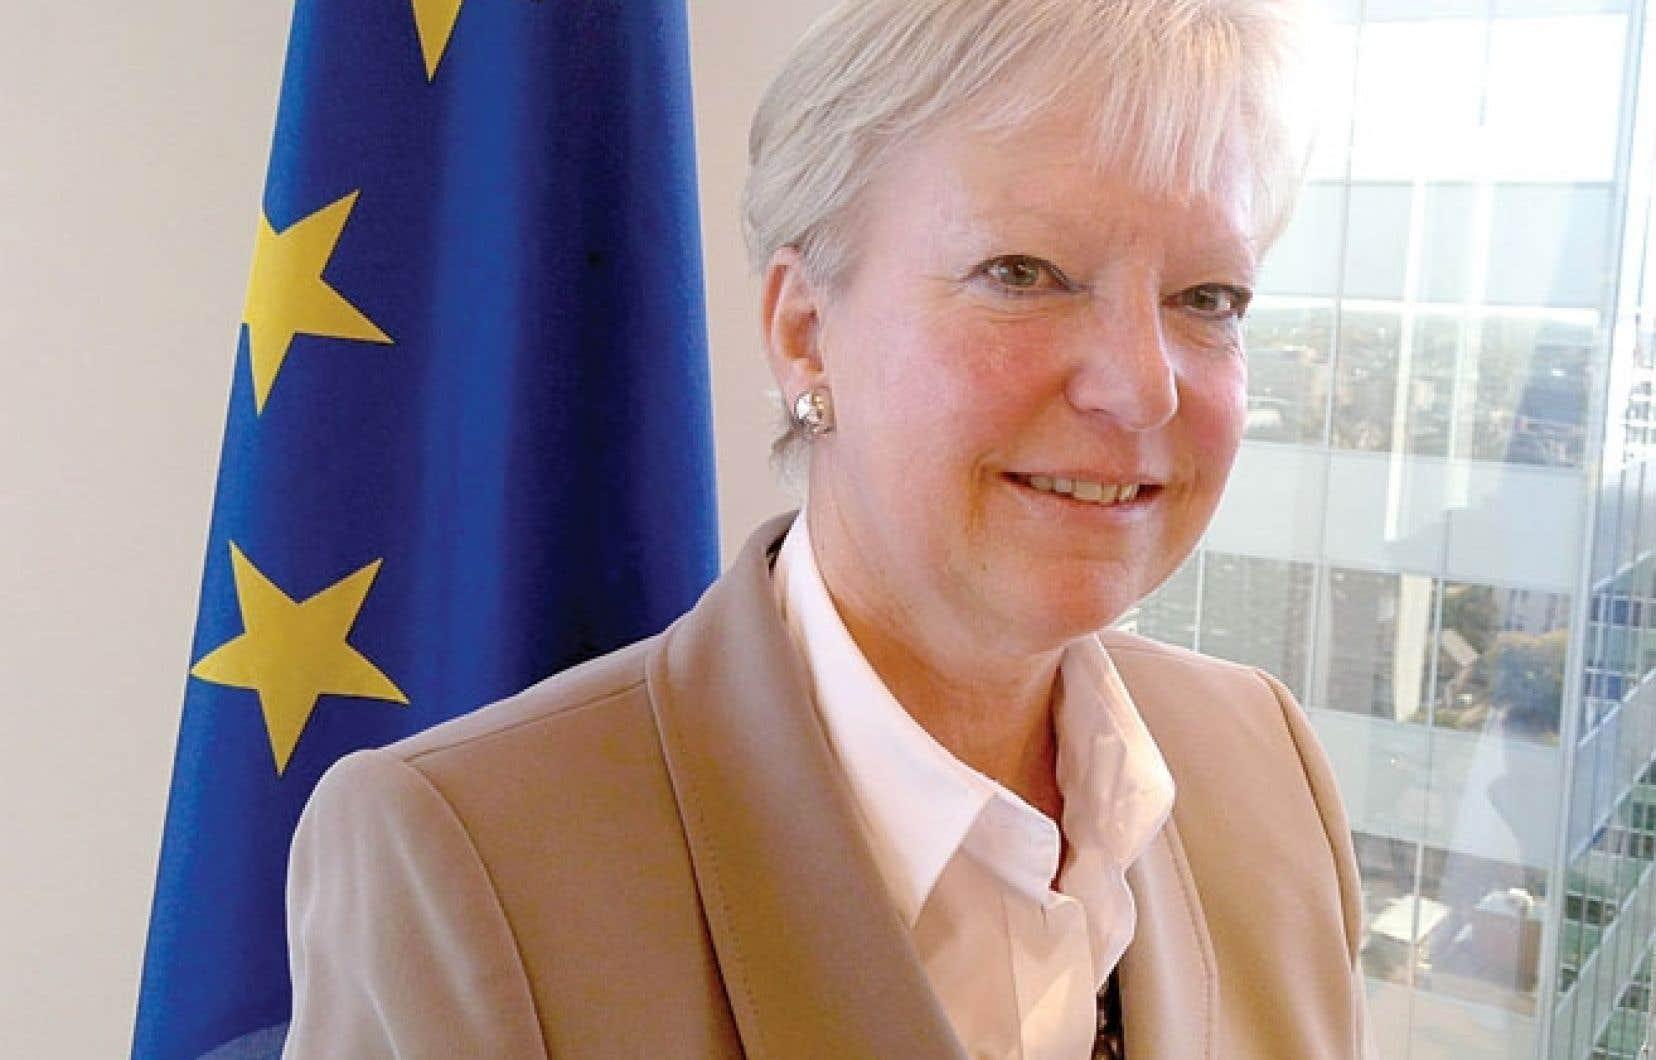 La nouvelle ambassadrice de l'Union européenne à Ottawa, Marie-Anne Coninsx, s'est fixé plusieurs autres missions en plus de se consacrer à l'AECG, notamment celle de s'occuper des programmes d'échange d'étudiants entre le Canada et l'Europe.